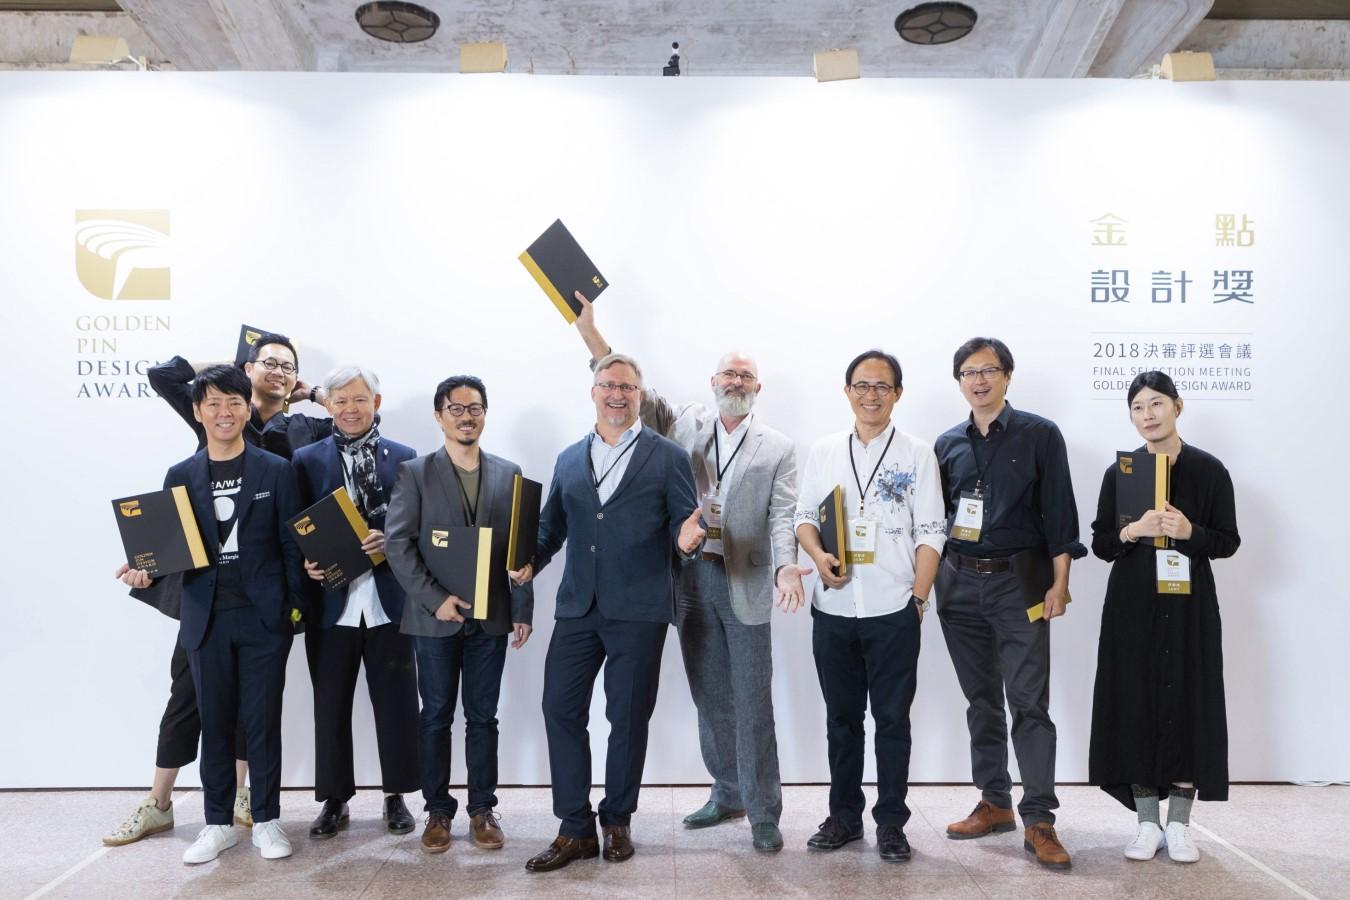 2018金點設計獎及金點概念設計獎「年度最佳設計獎」入圍名單揭曉 台灣入圍53件為最大贏家